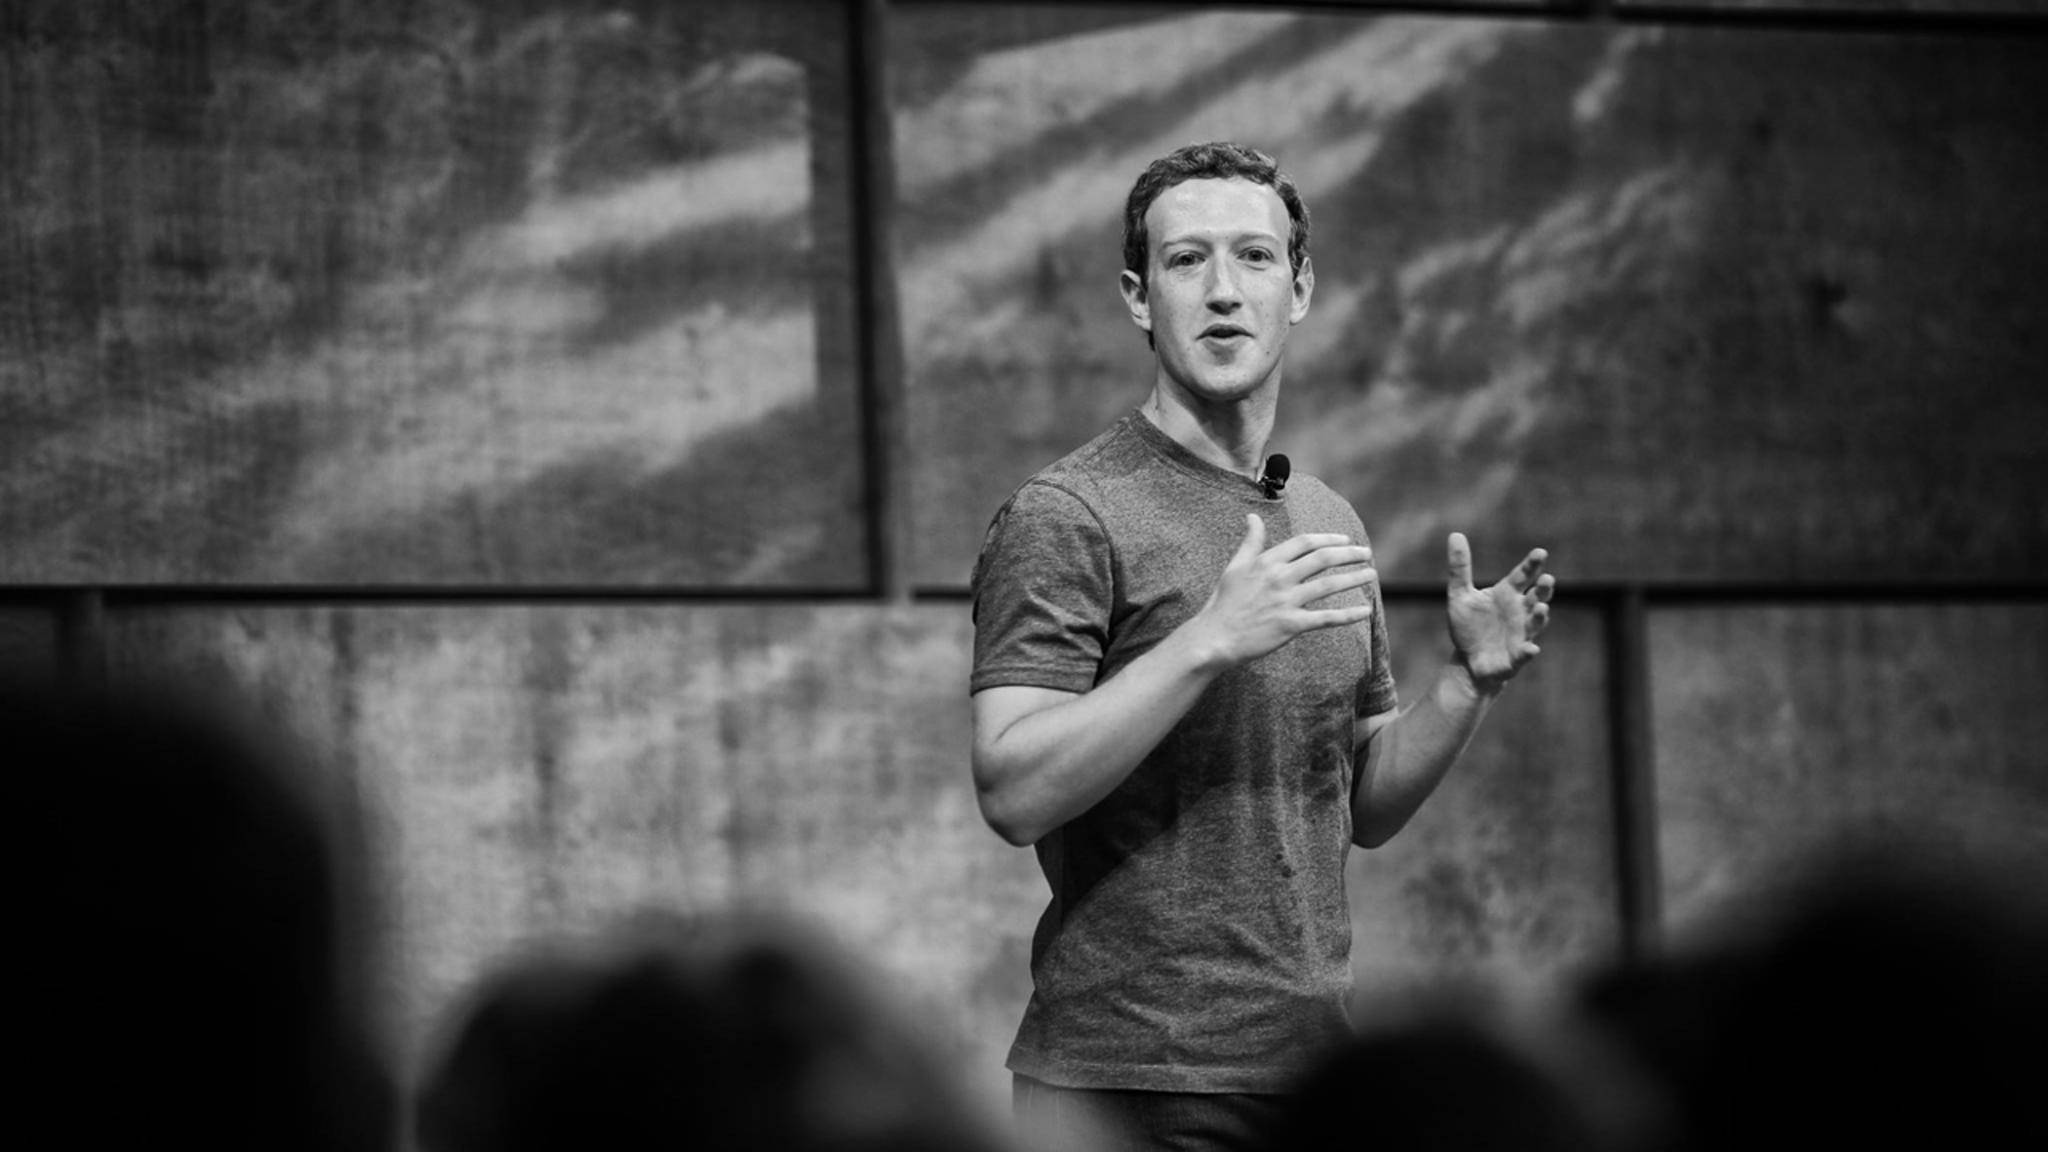 Mark Zuckerbergs Facebook hat Unternehmen umfassenden Zugriff auf persönliche Daten gewährt.